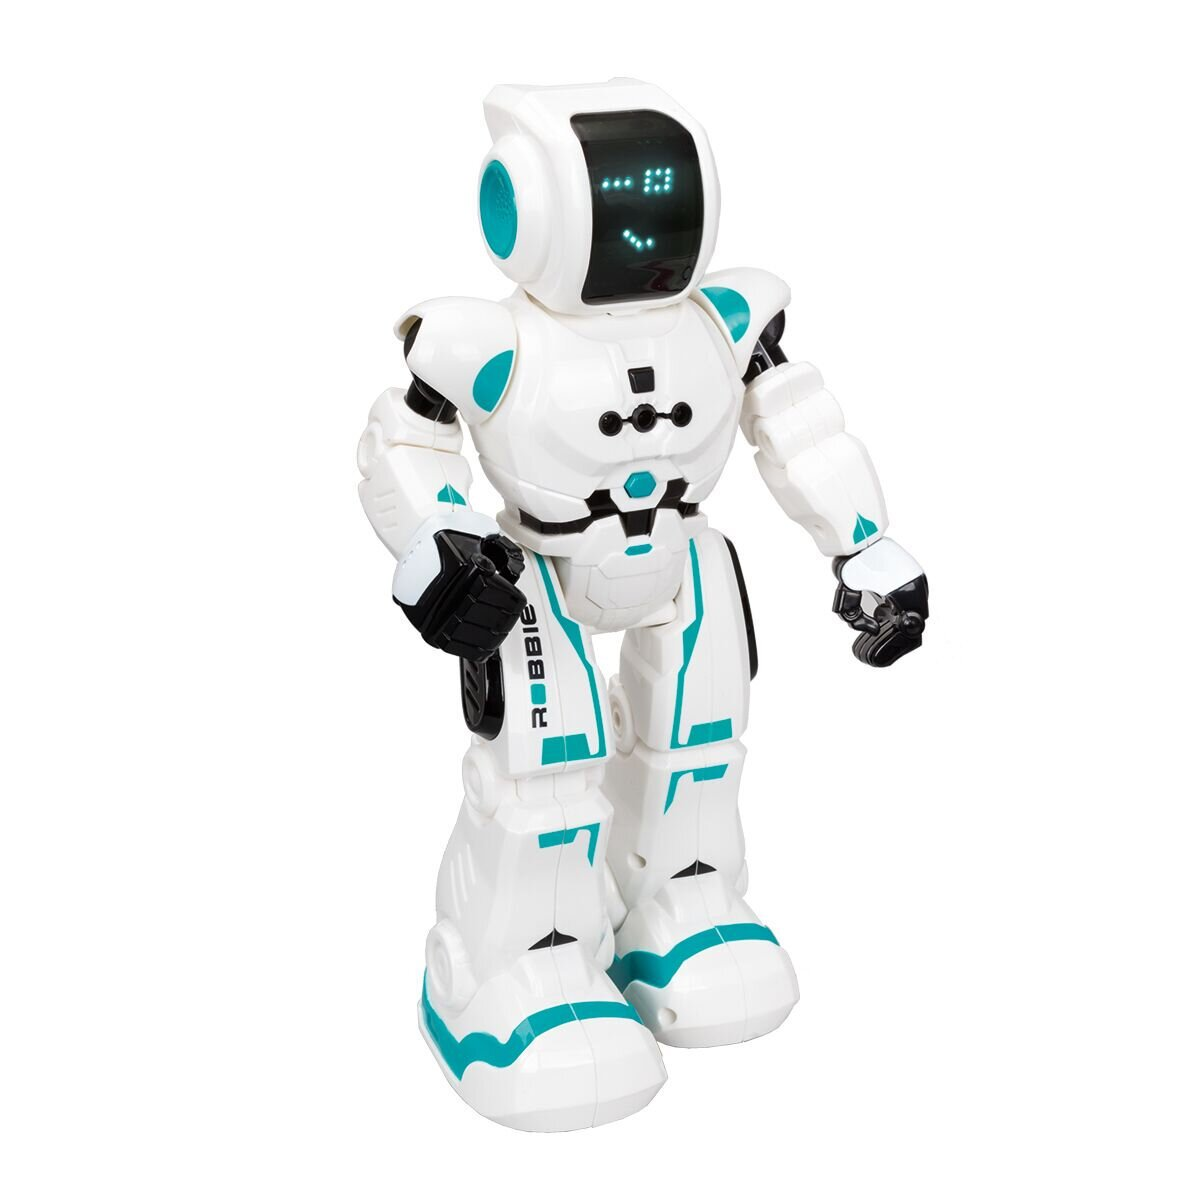 galimyb prekiauti robotais)